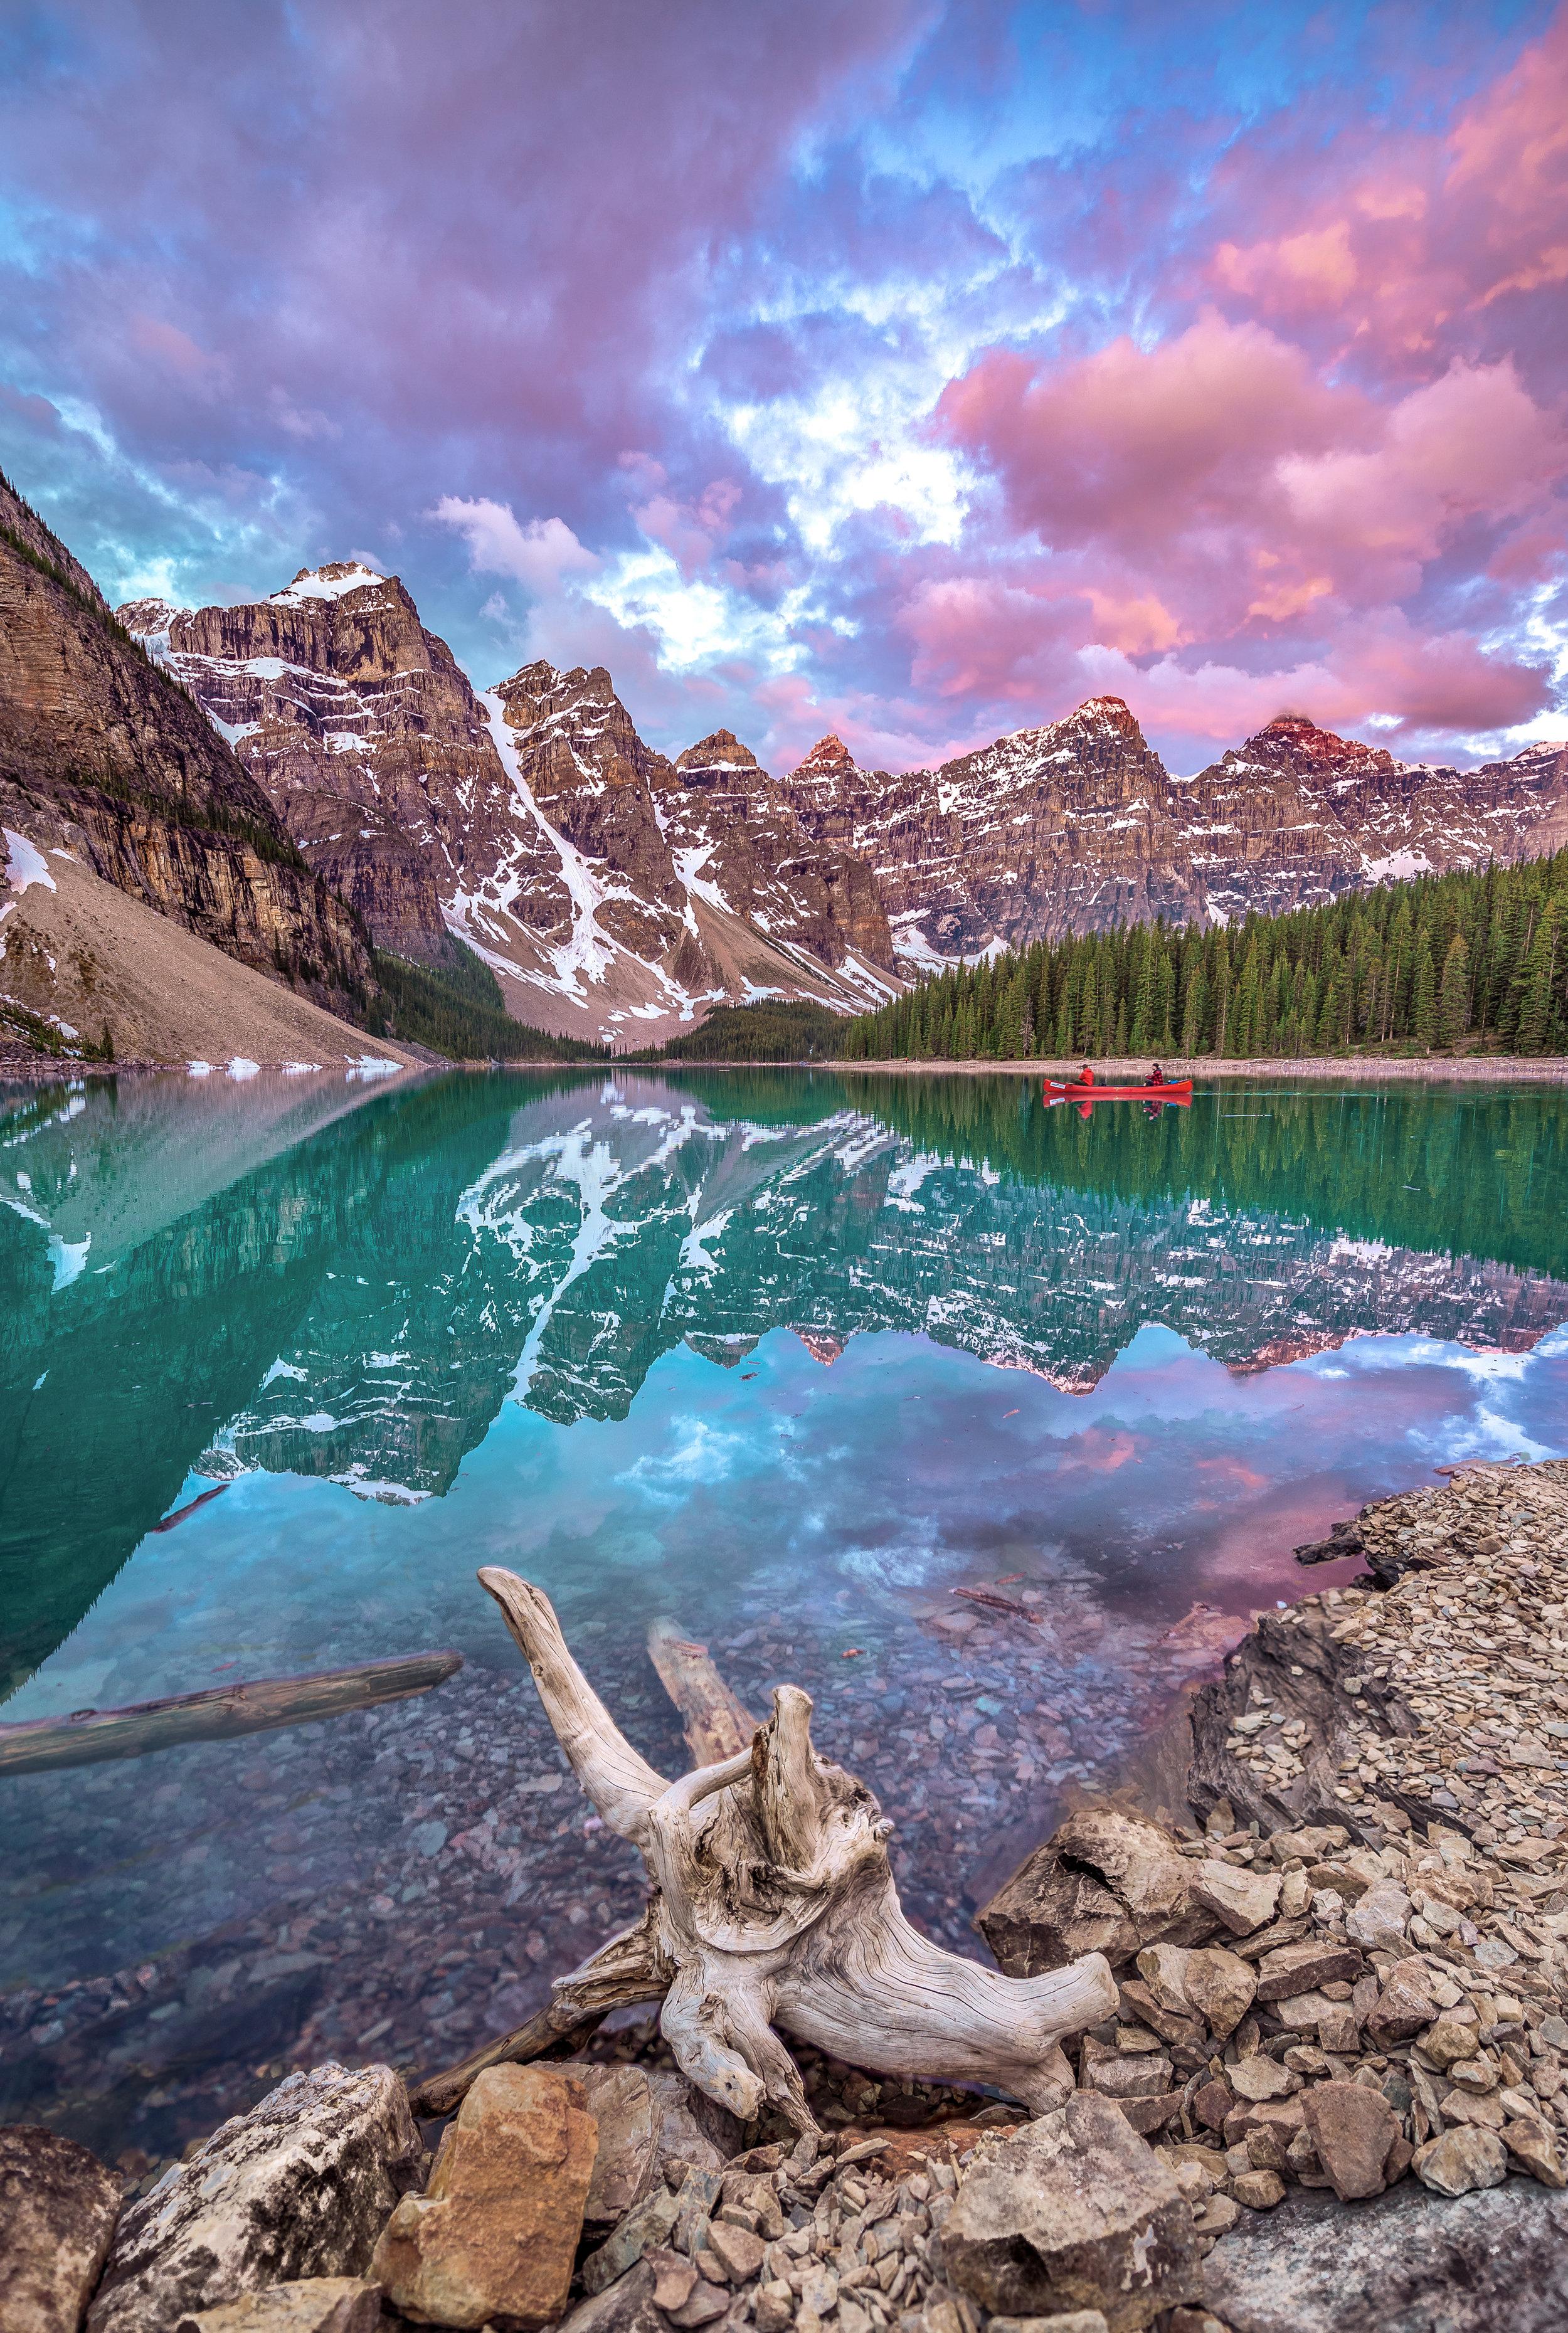 Sunrise at Moraine Lake - Banff National Park, Alberta